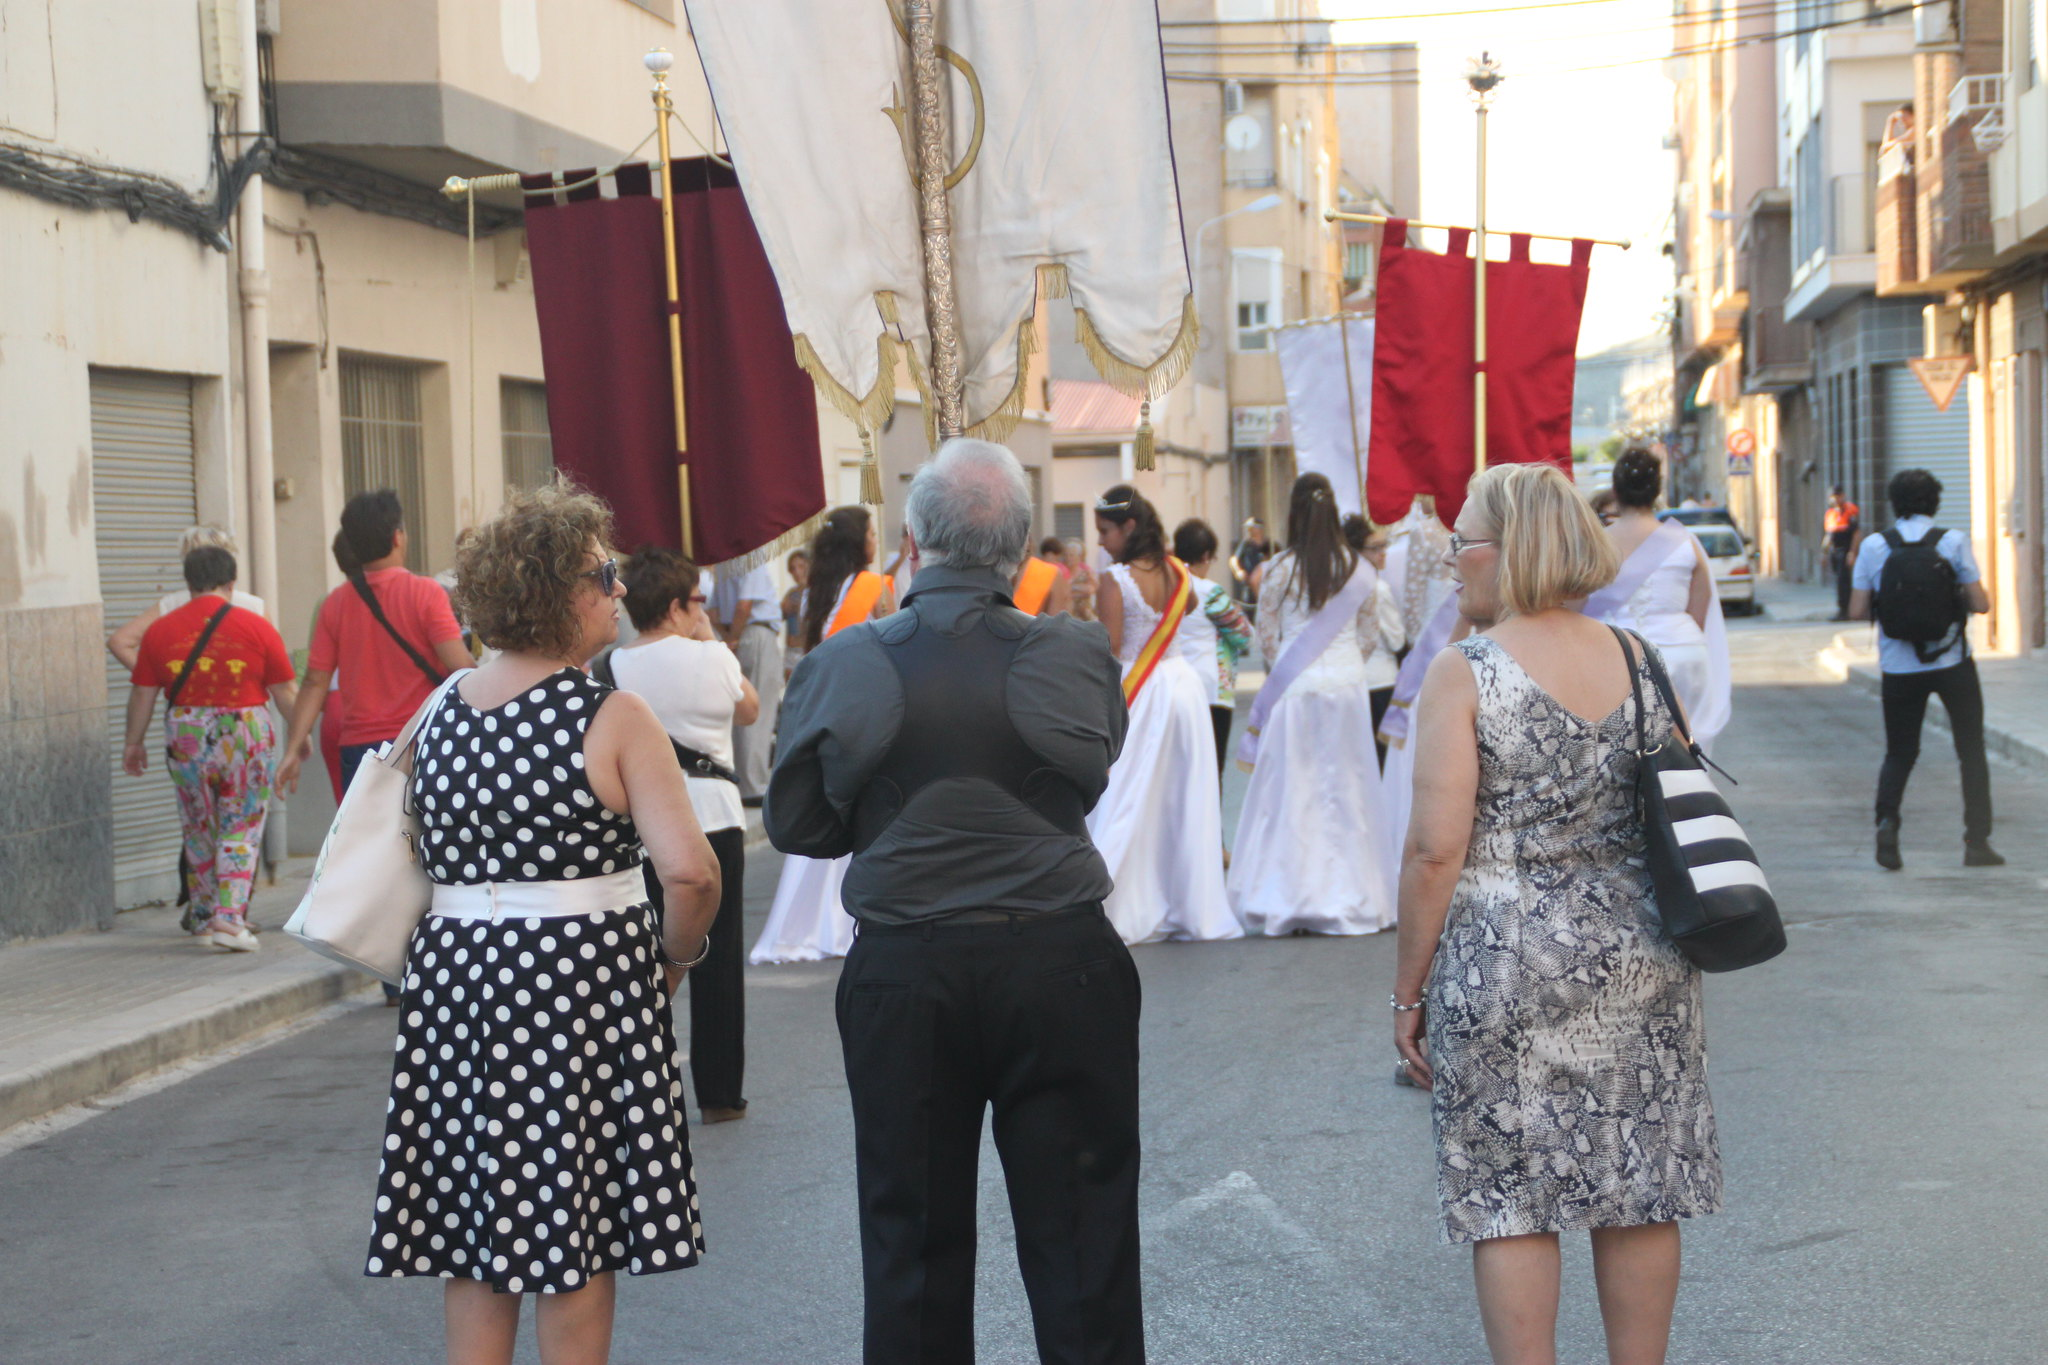 (2015-07-12) - Virgen del Carmen, parroquia La Santa Cruz - Javier Romero Ripoll (147)